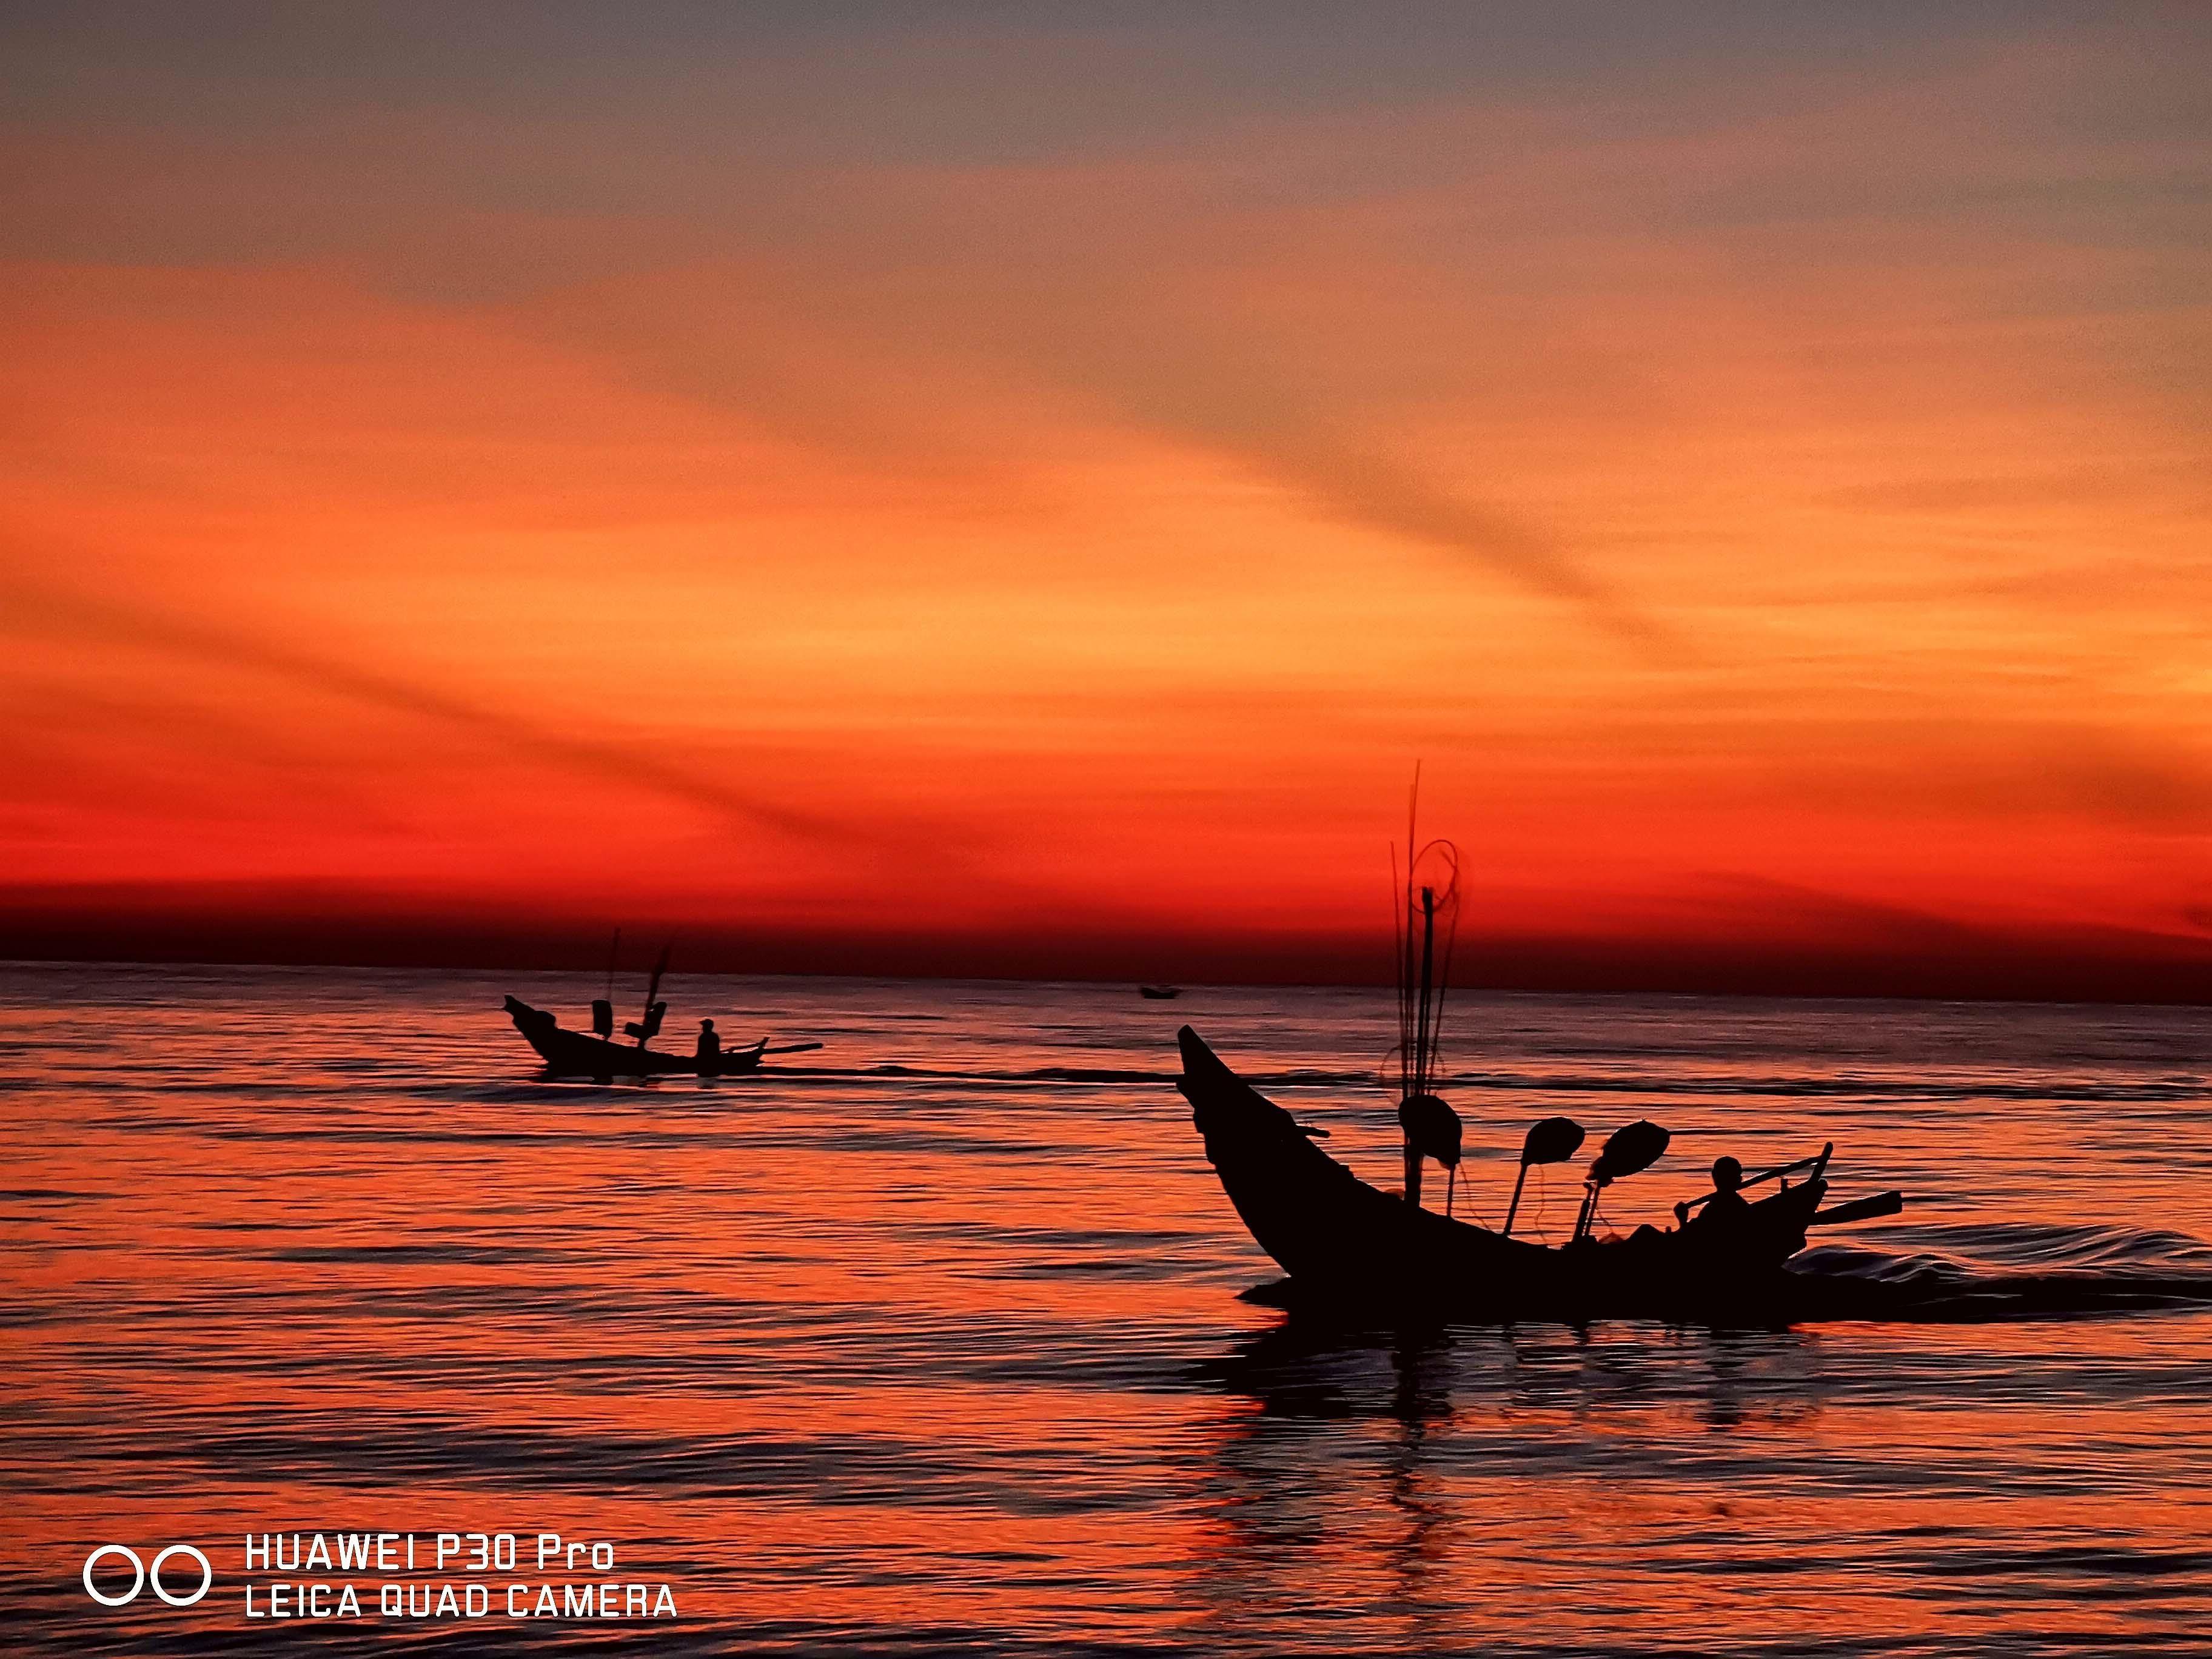 Ninh Binh, Hue sinh dong qua nhung buc hinh biet noi hinh anh 28